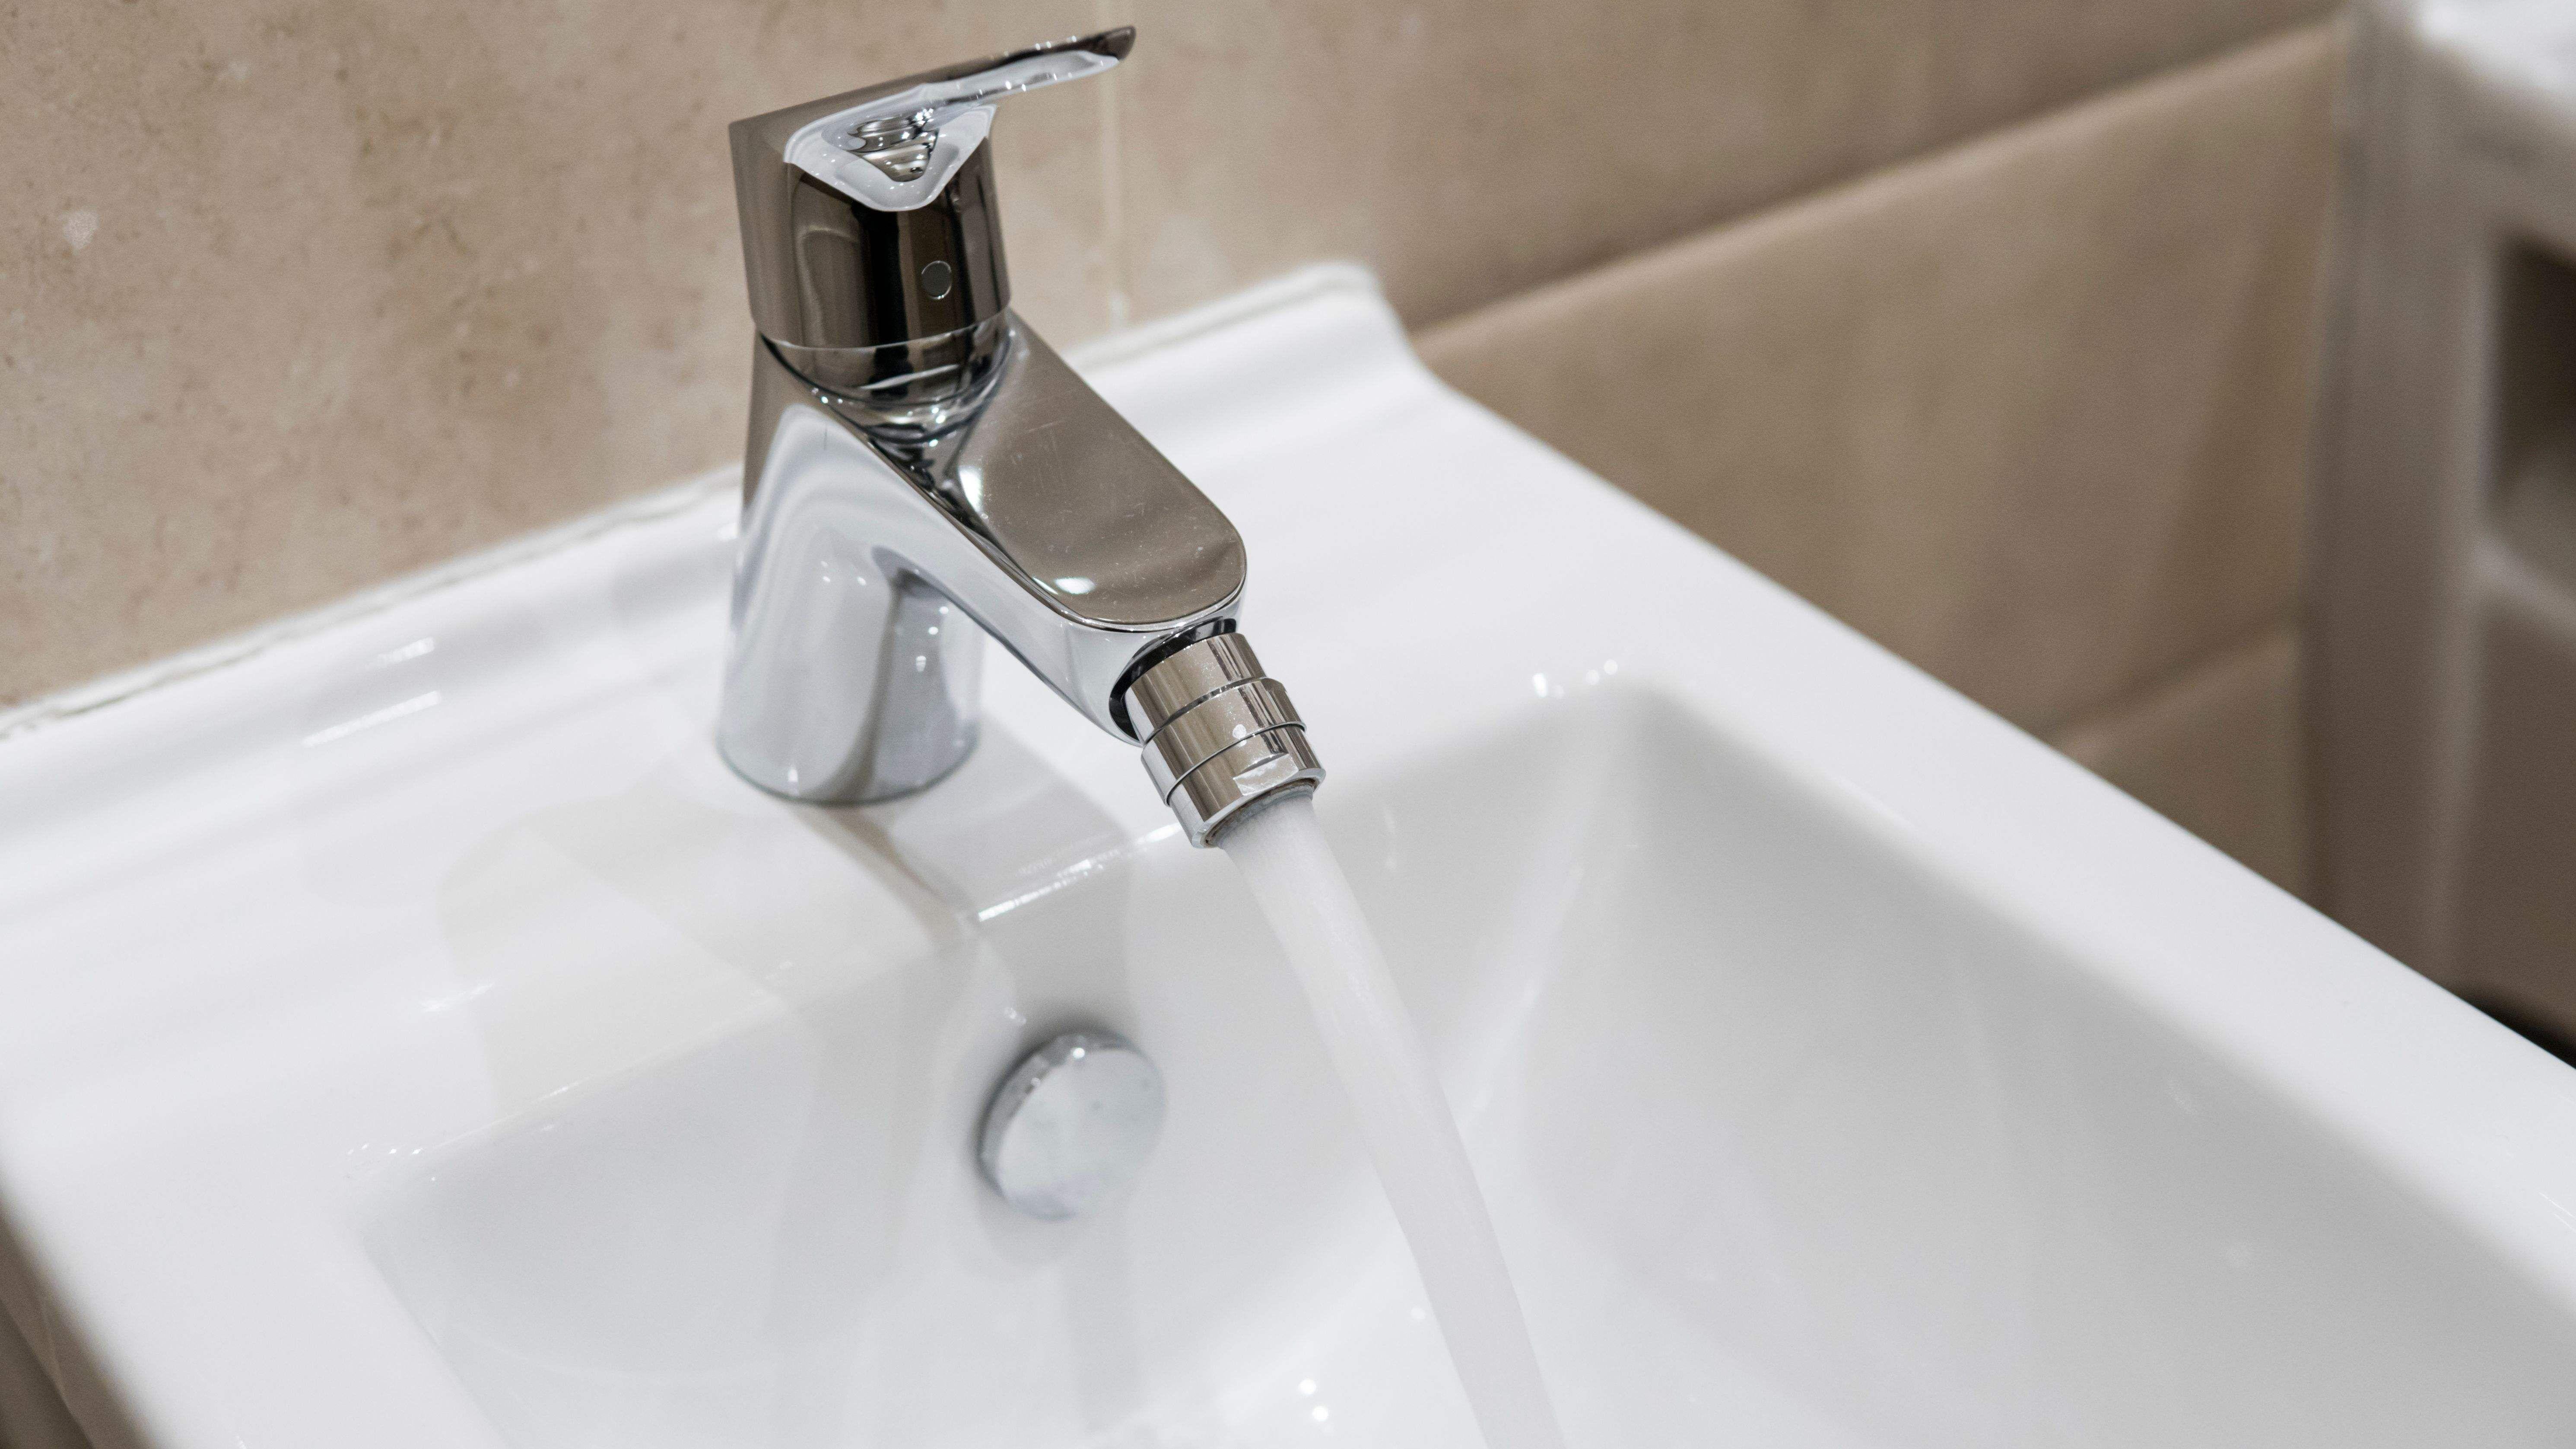 Comment choisir un robinet de bidet